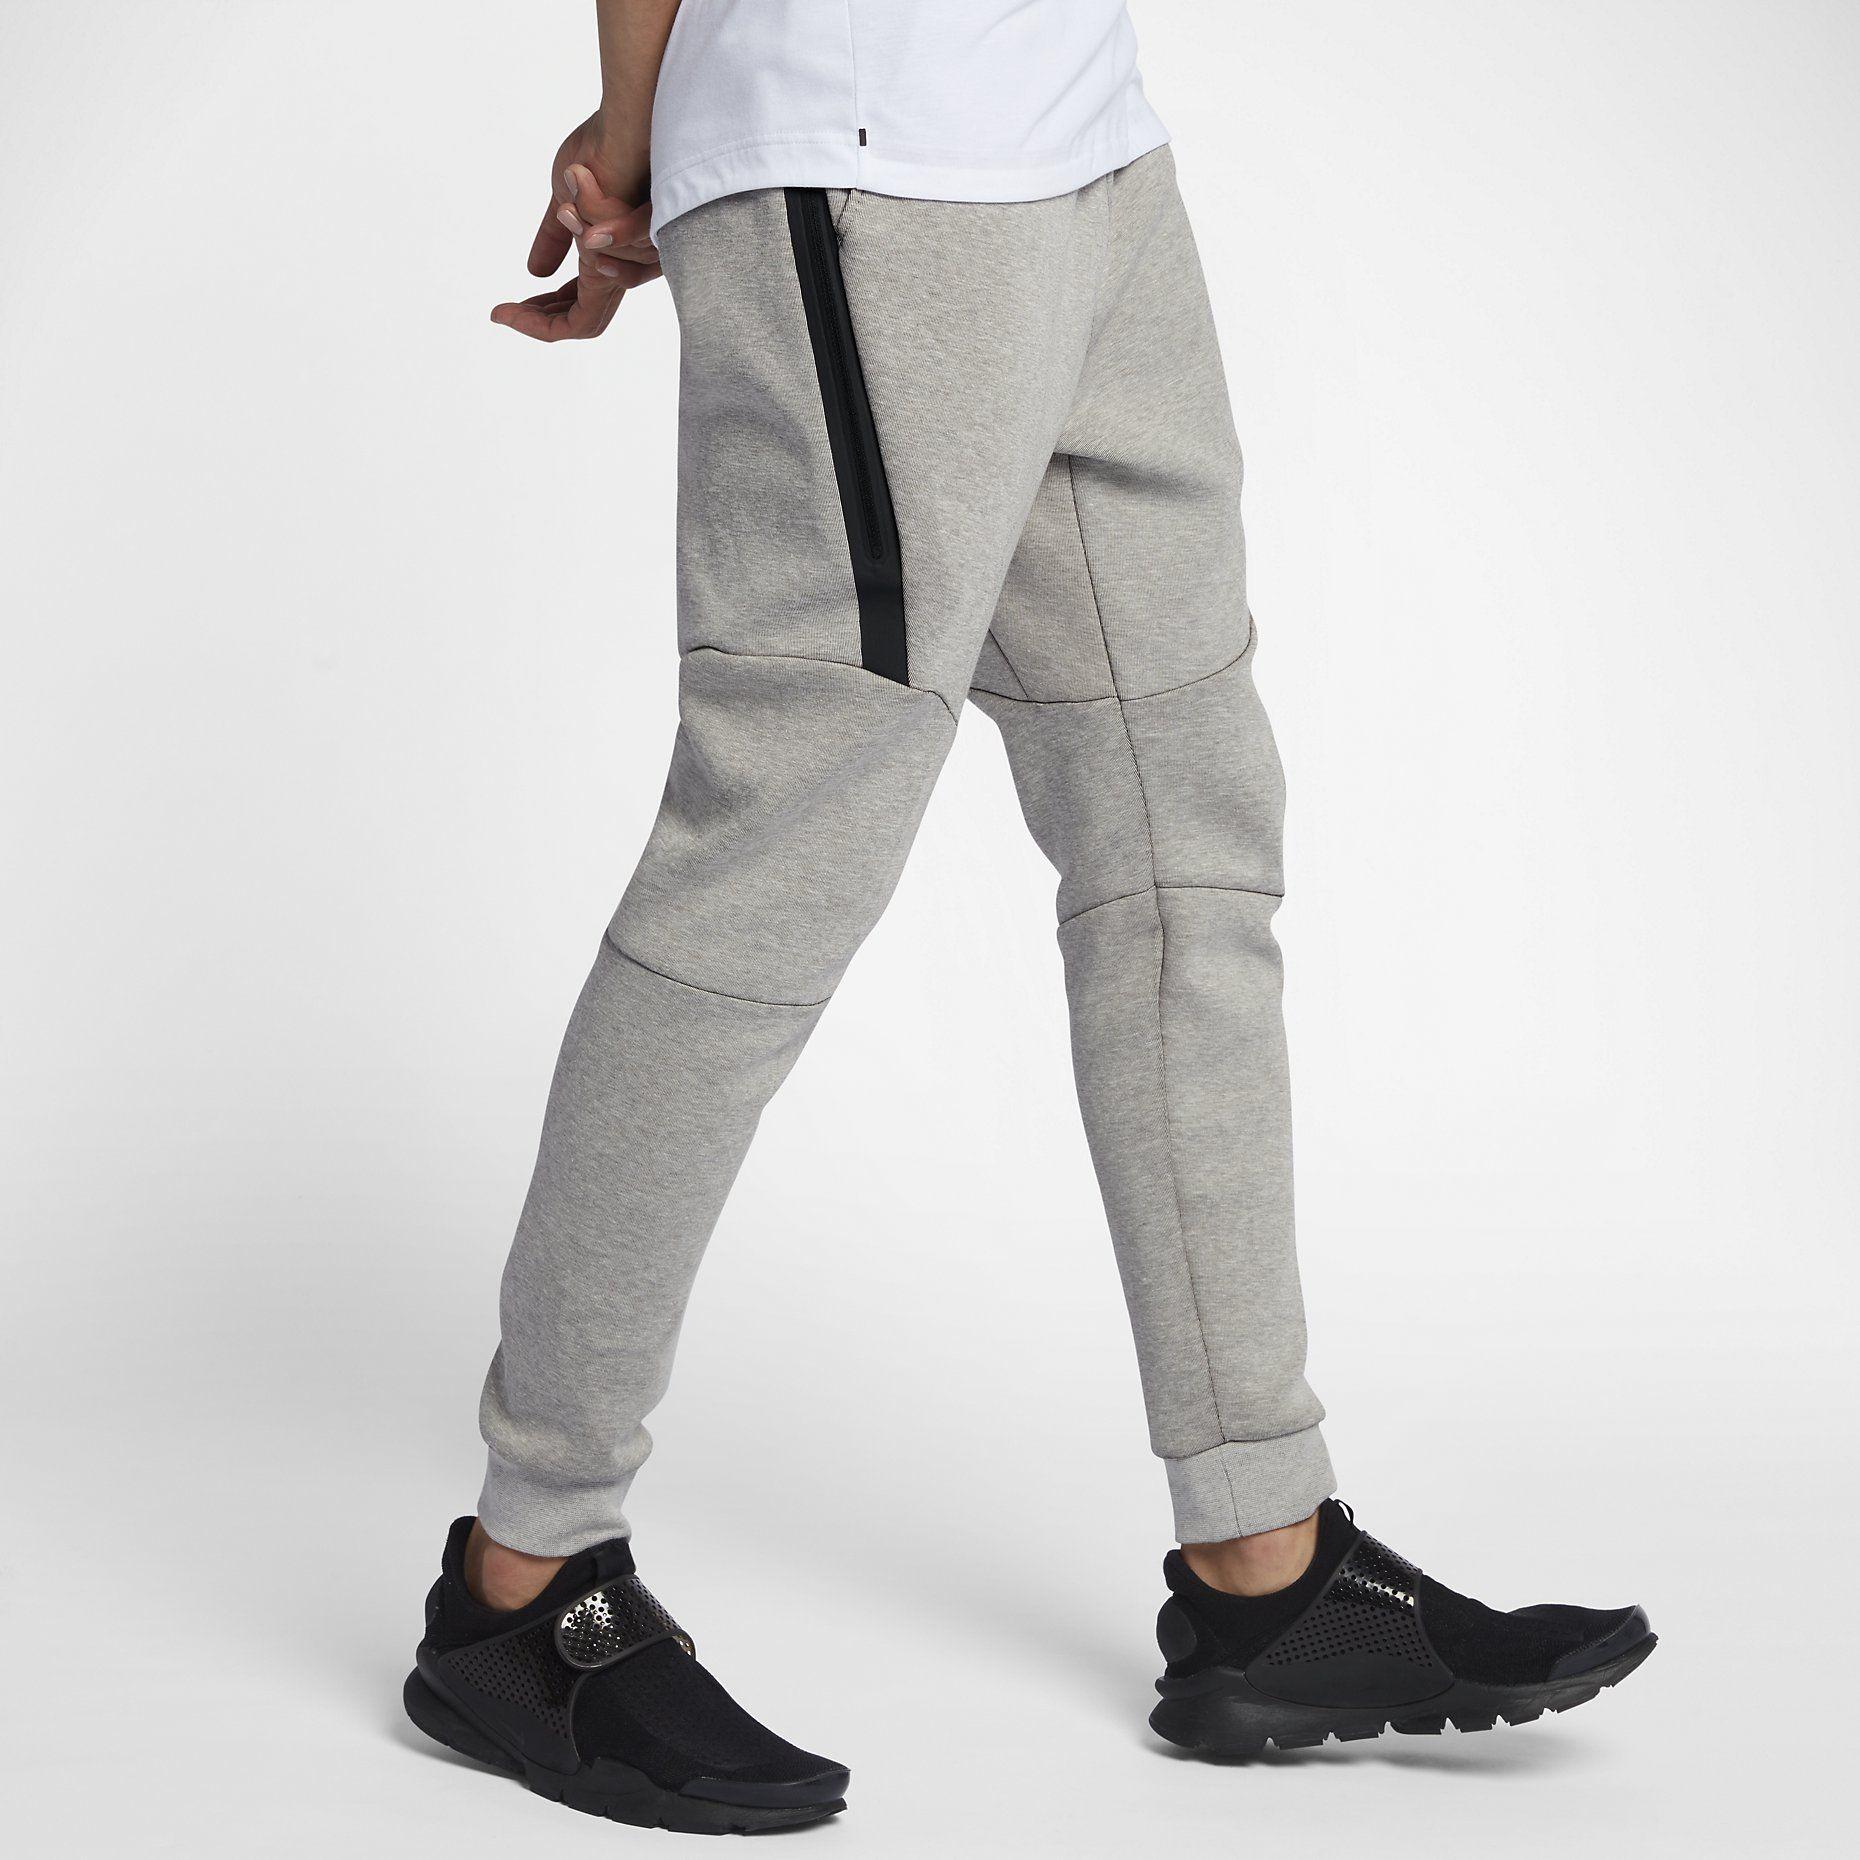 35495e962d8a 60   Nike Sportswear Tech Fleece Men s Joggers - Light Bone ...